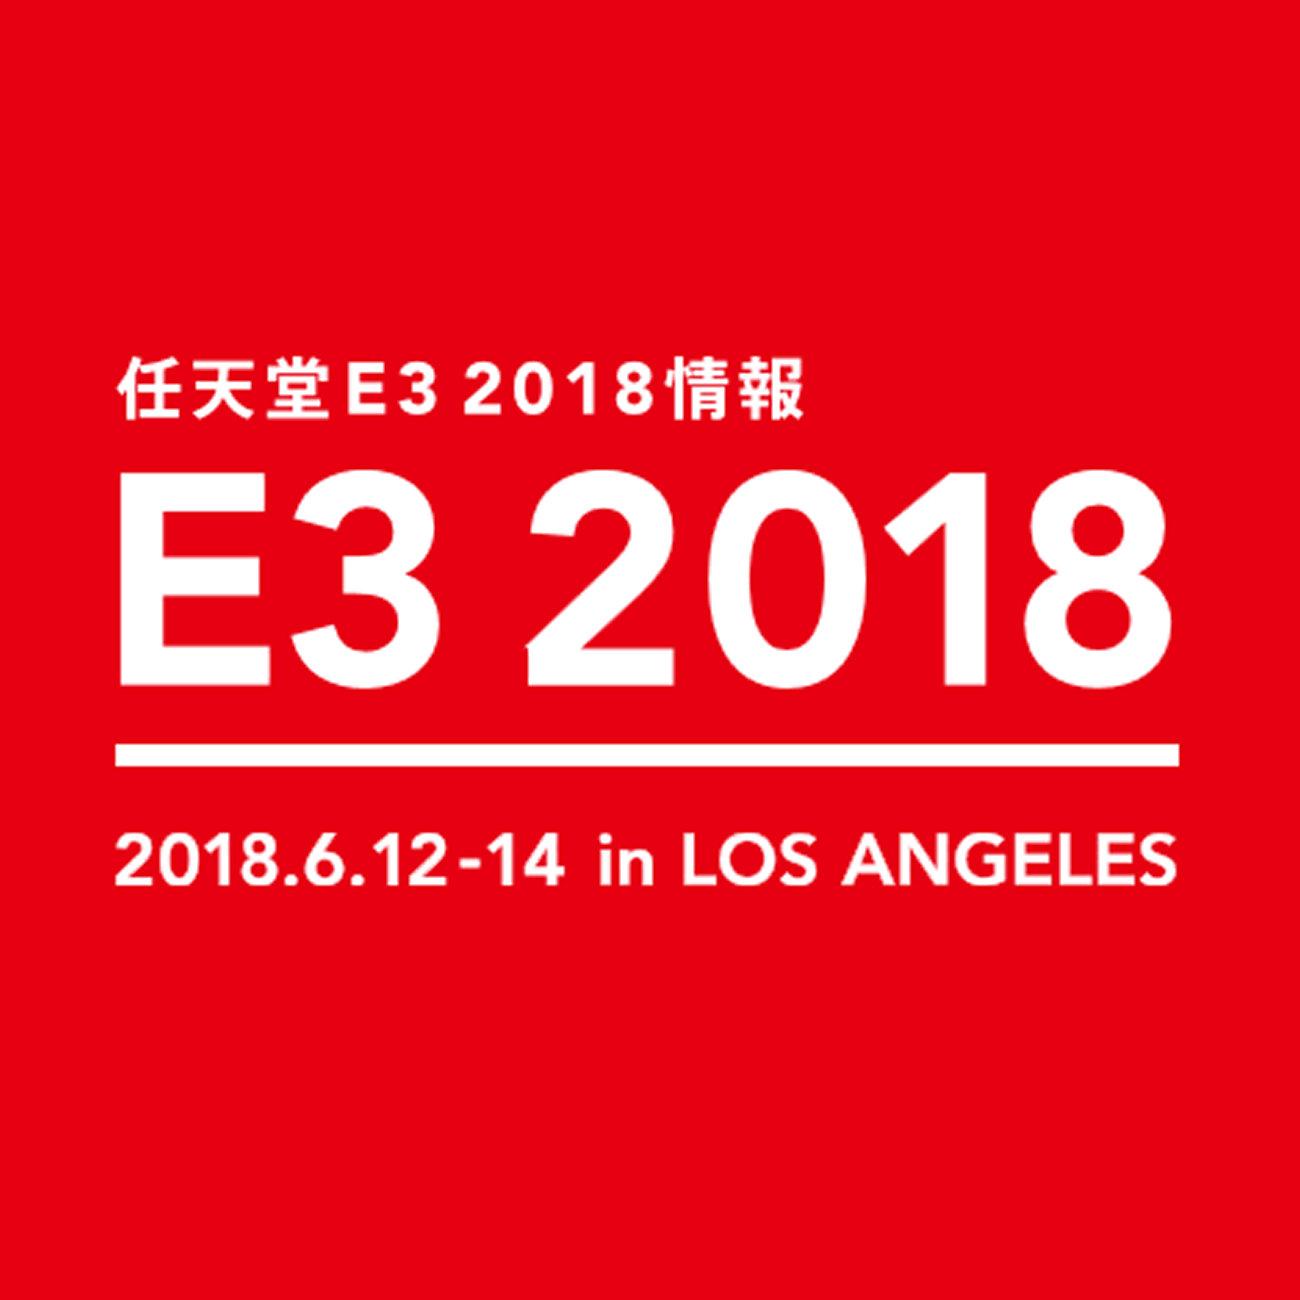 ニンテンドーダイレクト、E3 2018版の放送時間